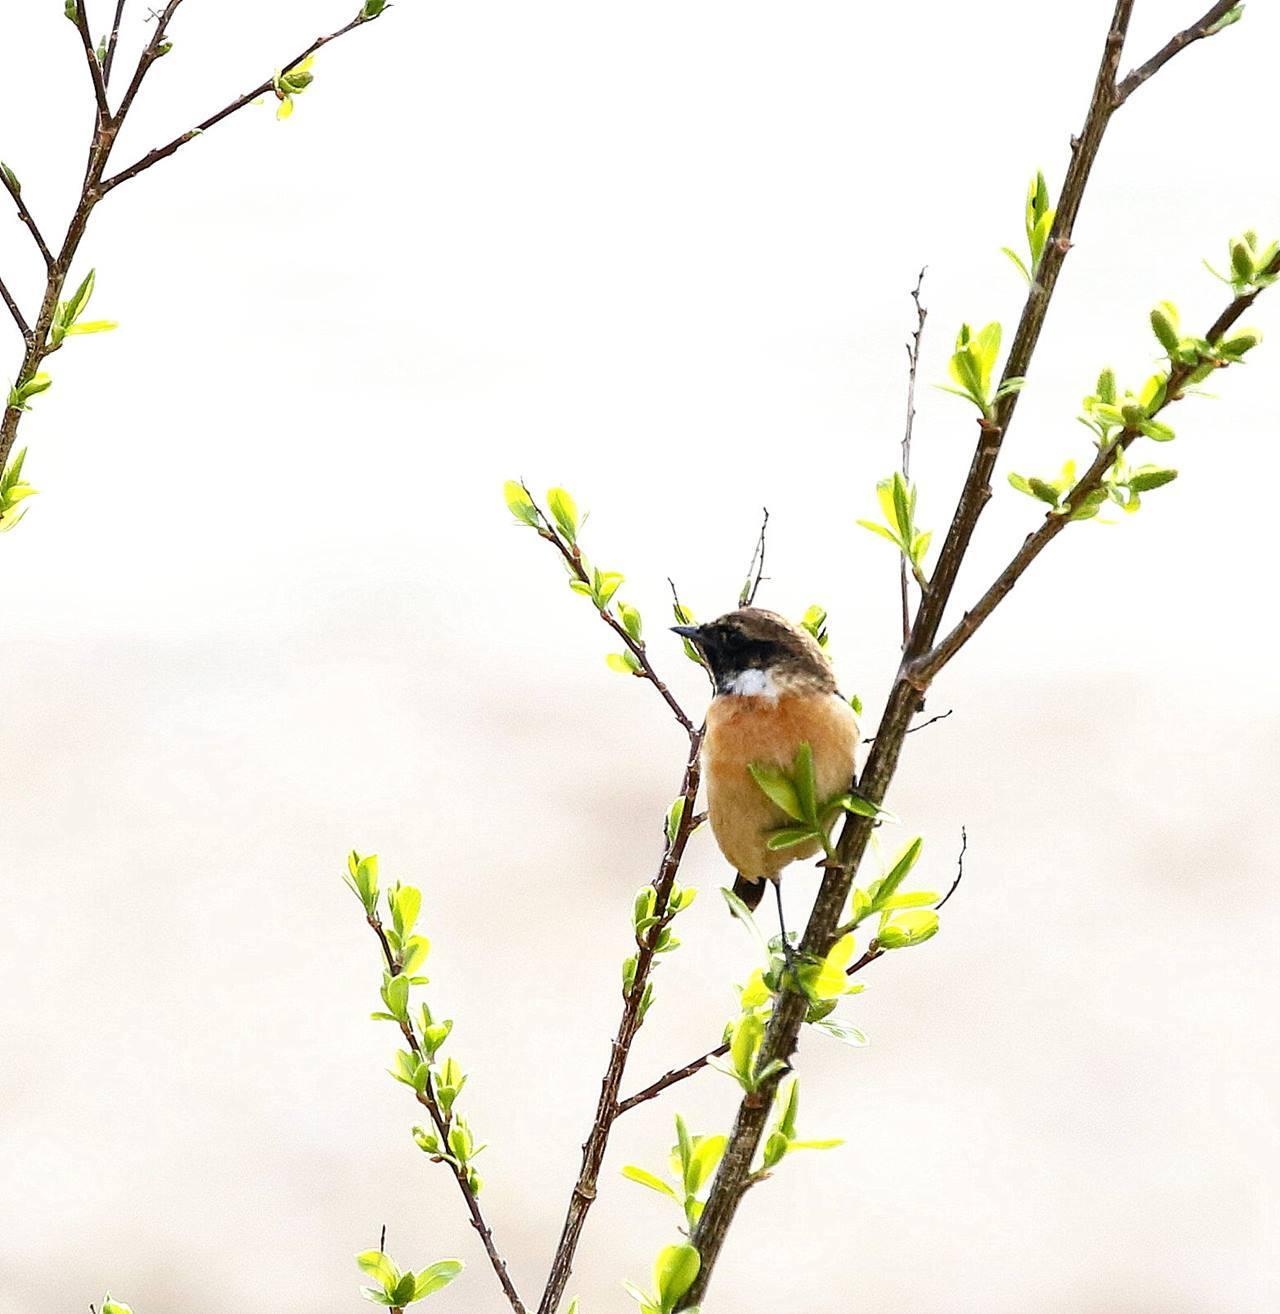 春の渡りのノビタキ♂に出会った・・・_c0213607_22131748.jpg